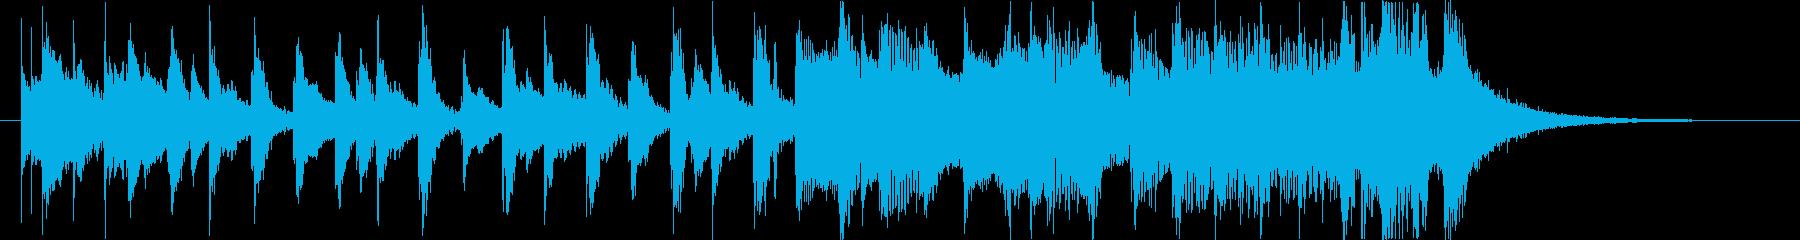 軽快爽やか楽しい夏ハワイレゲエラテン曲fの再生済みの波形